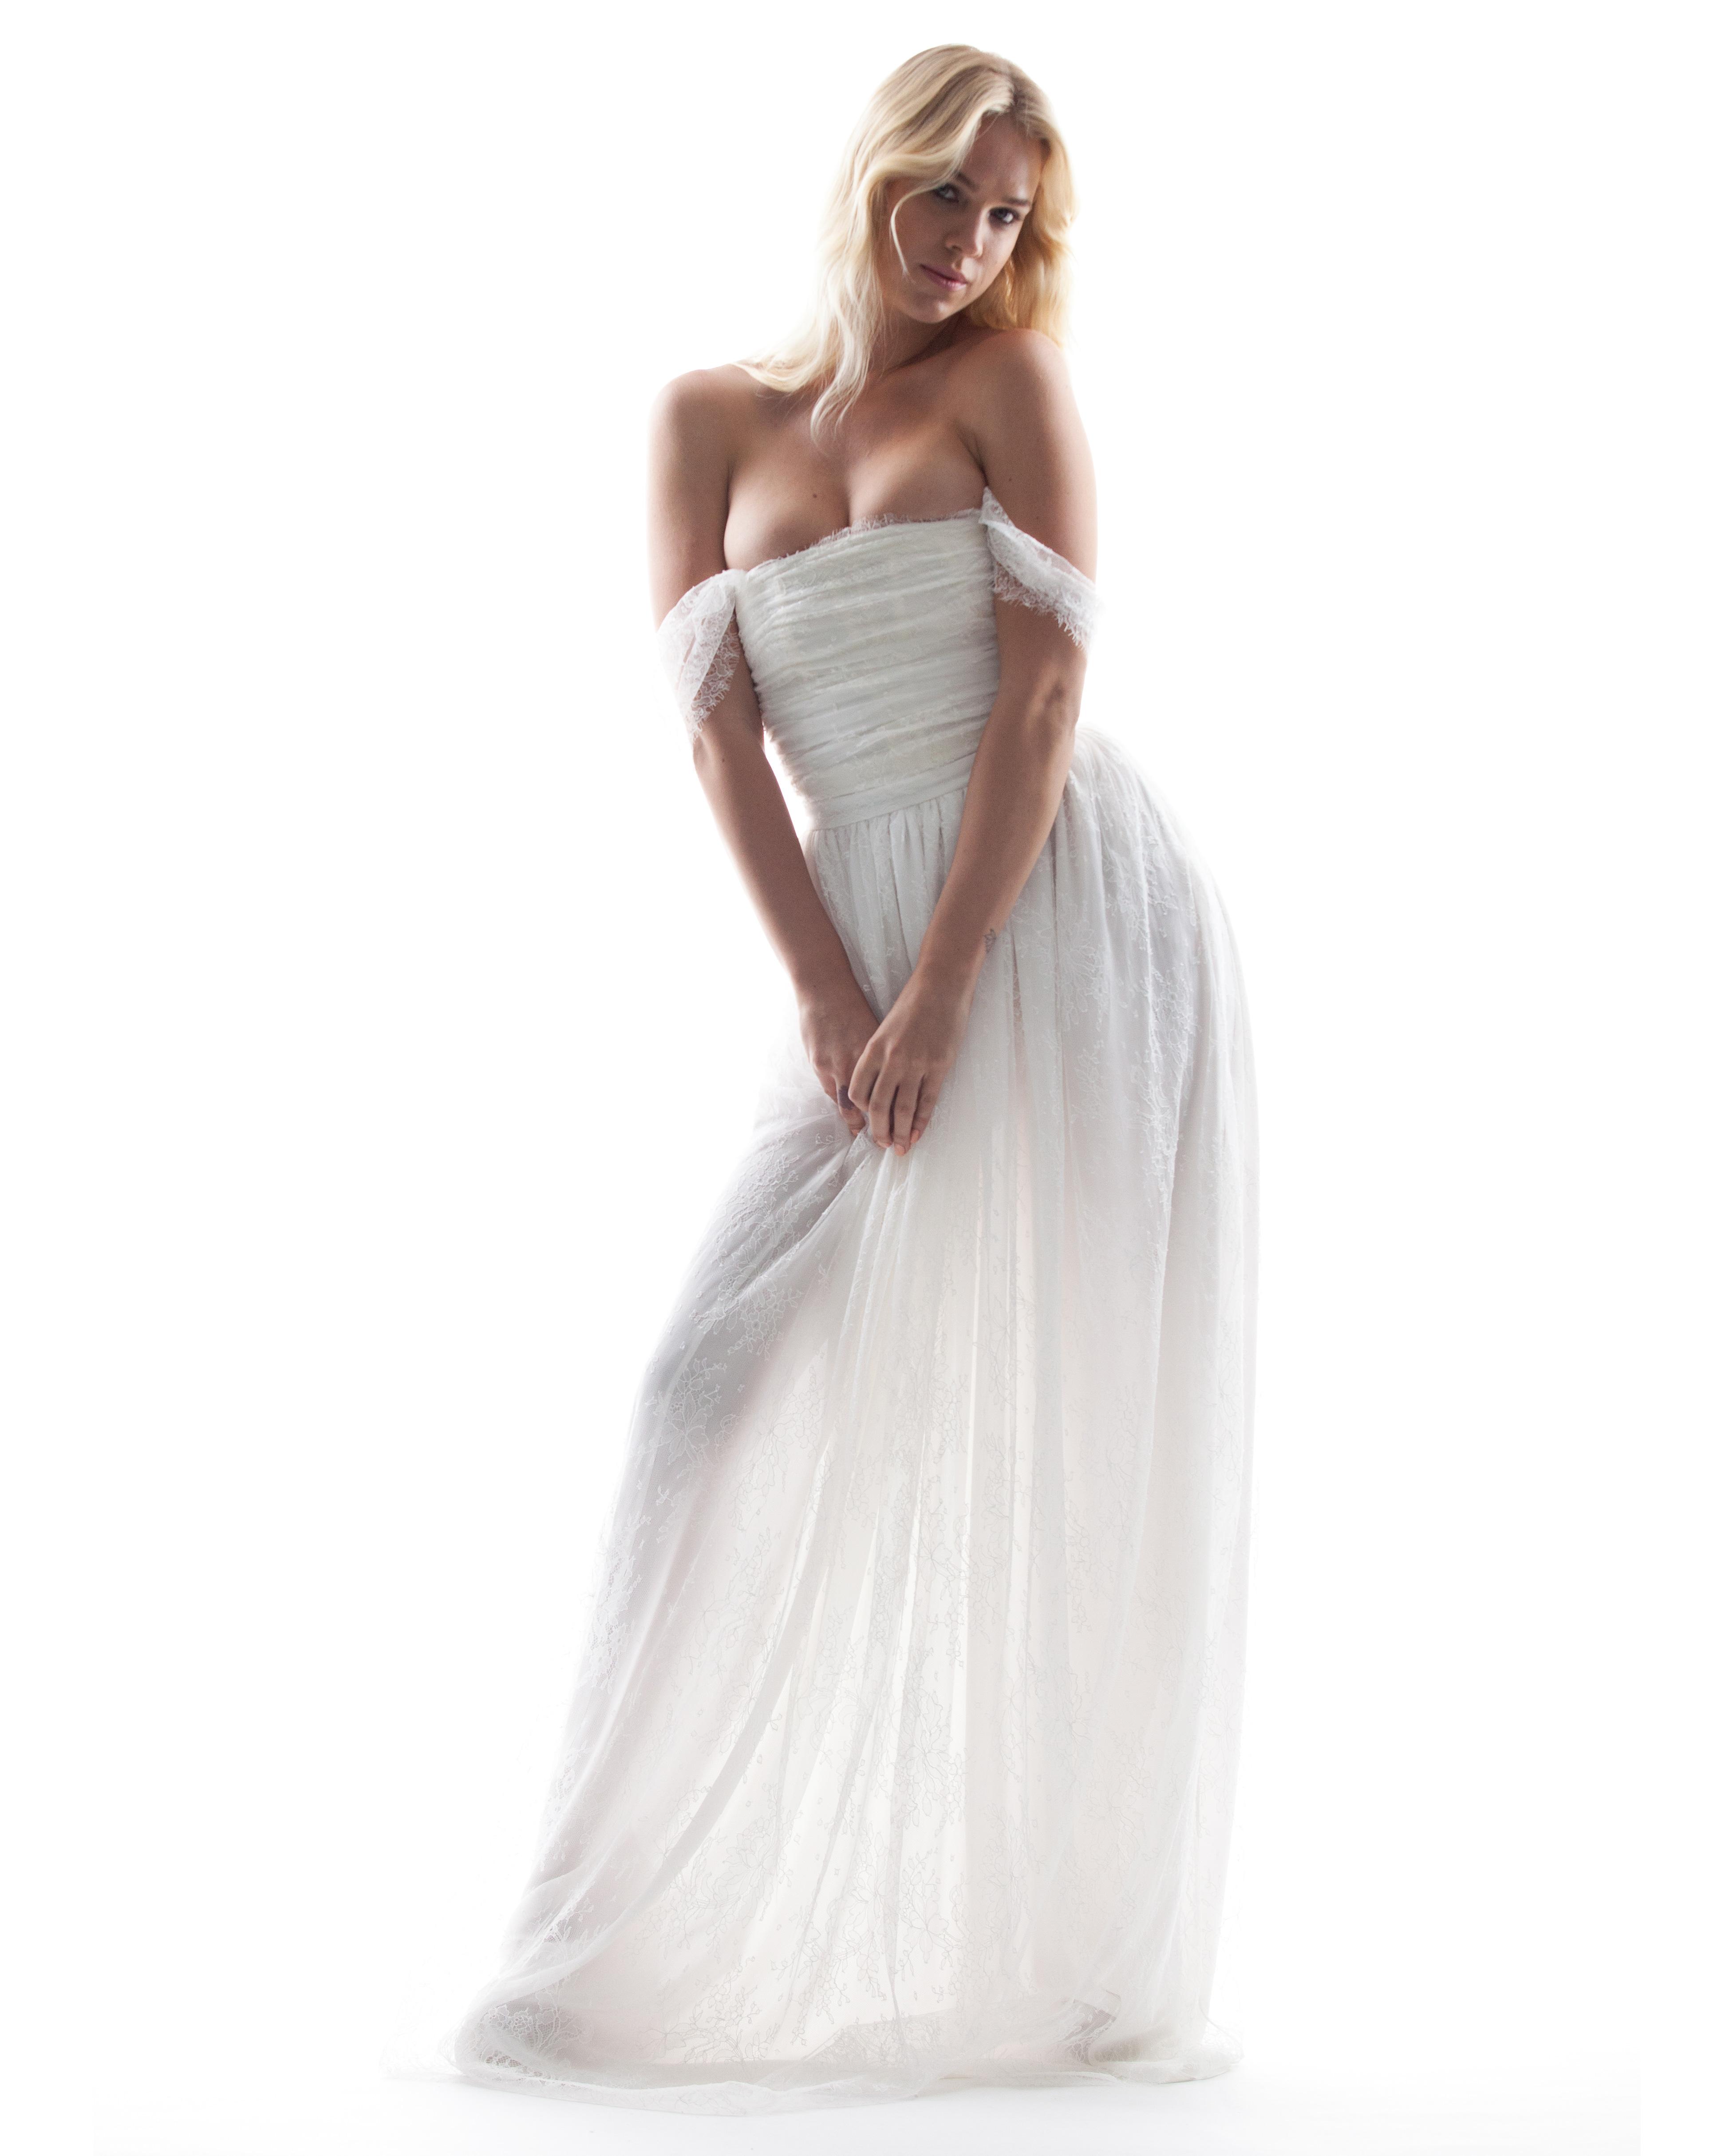 houghton off-the-shoulder wedding dress spring 2018